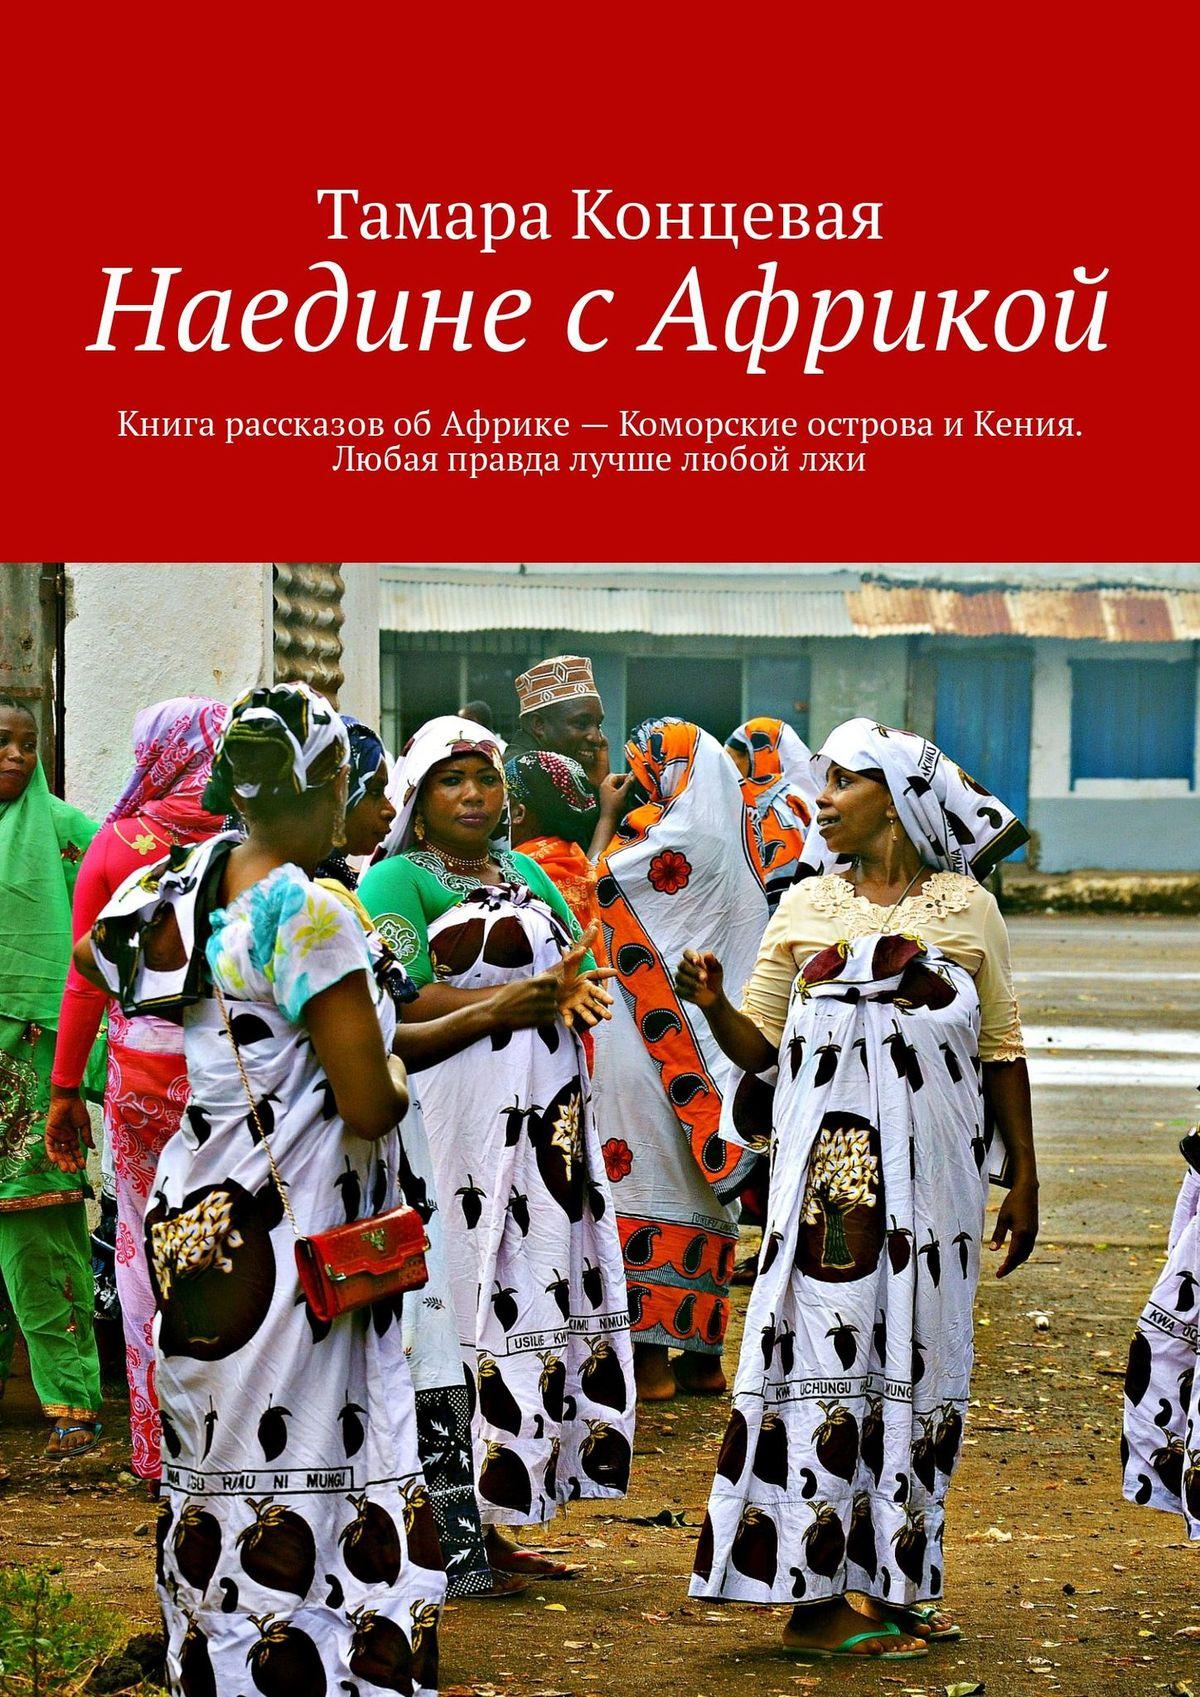 naedine s afrikoy kniga rasskazov ob afrike komorskie ostrova i keniya lyubaya pravda luchshe lyuboy lzhi